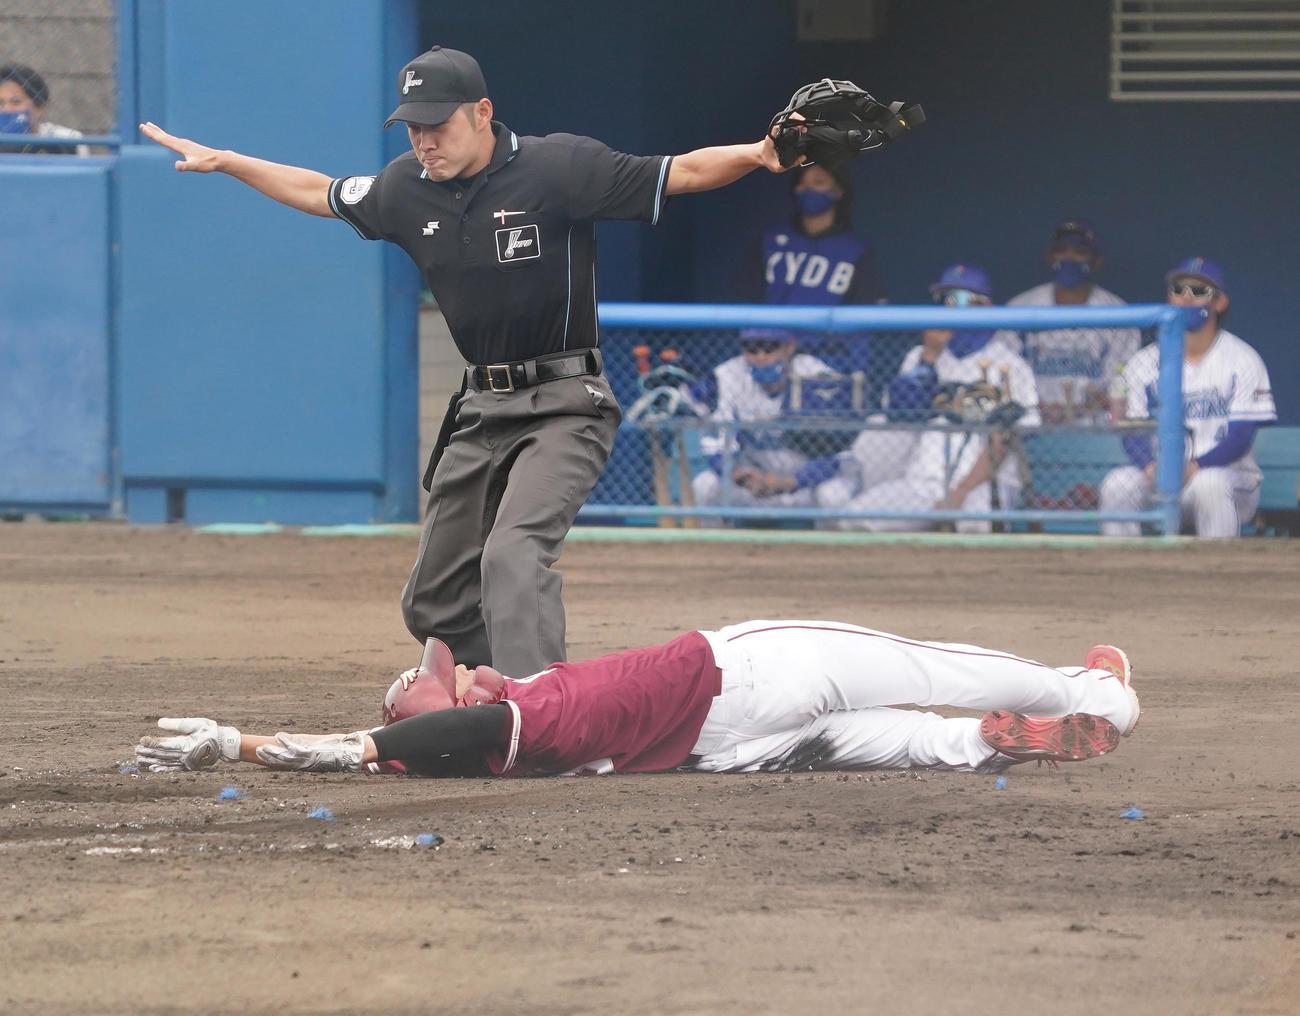 DeNA対楽天 4回表楽天2死一、二塁、茂木の適時打で二塁から生還する辰己(撮影・菅敏)